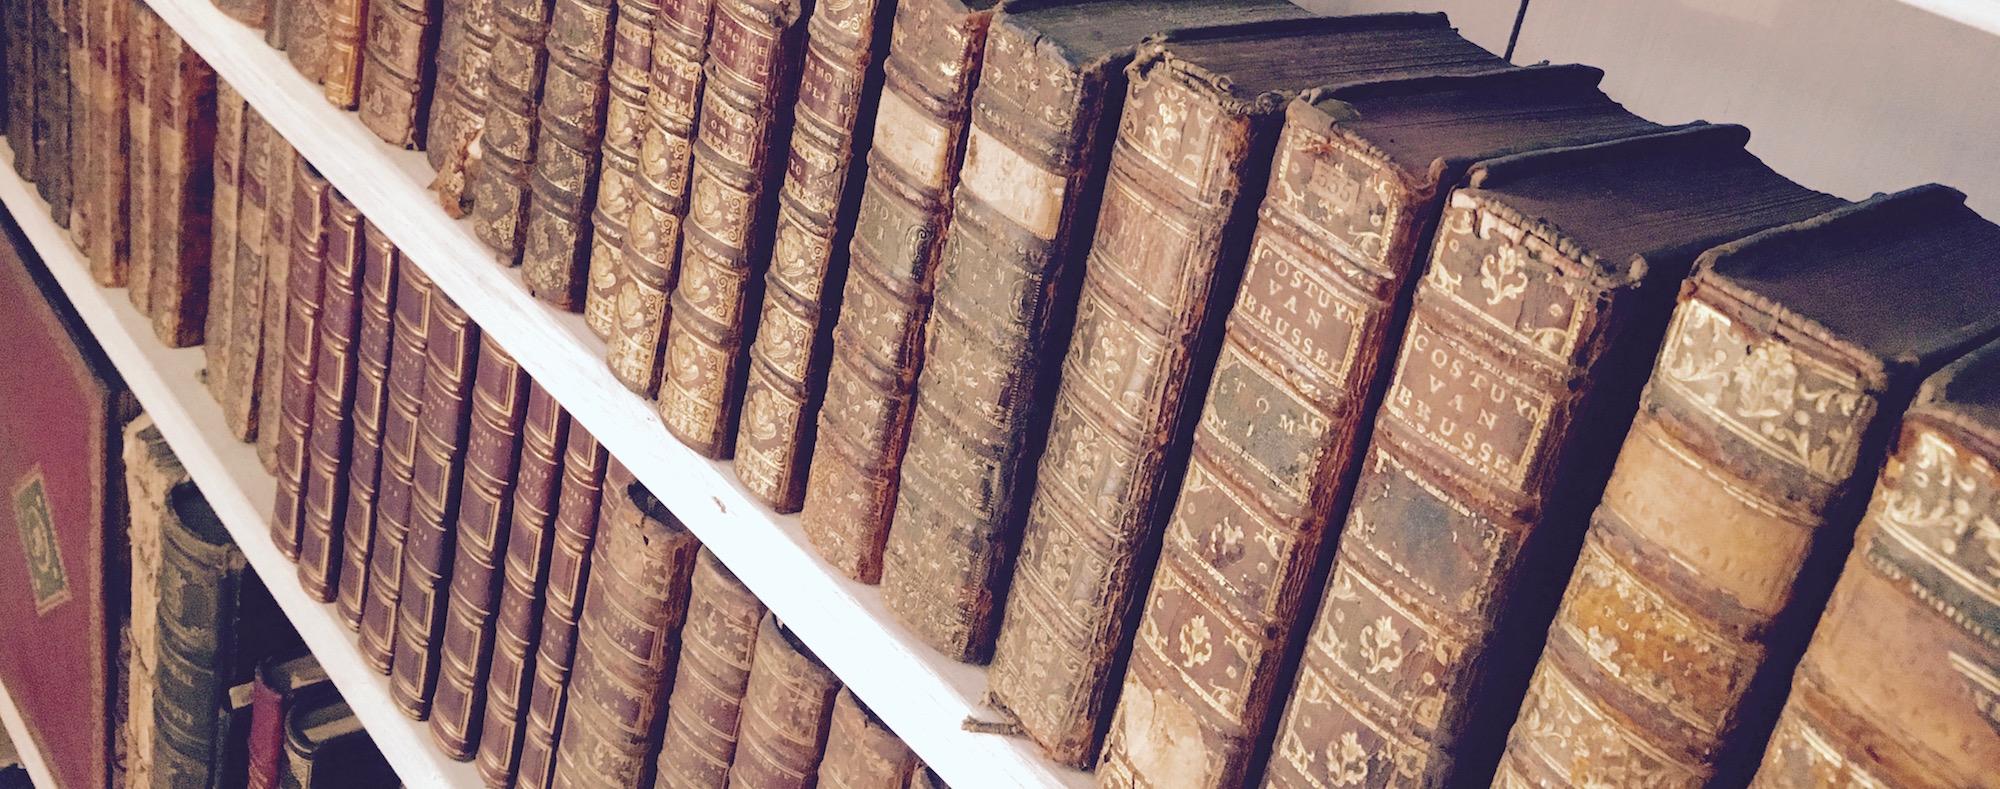 Bibliographie de la Maison de Béthune